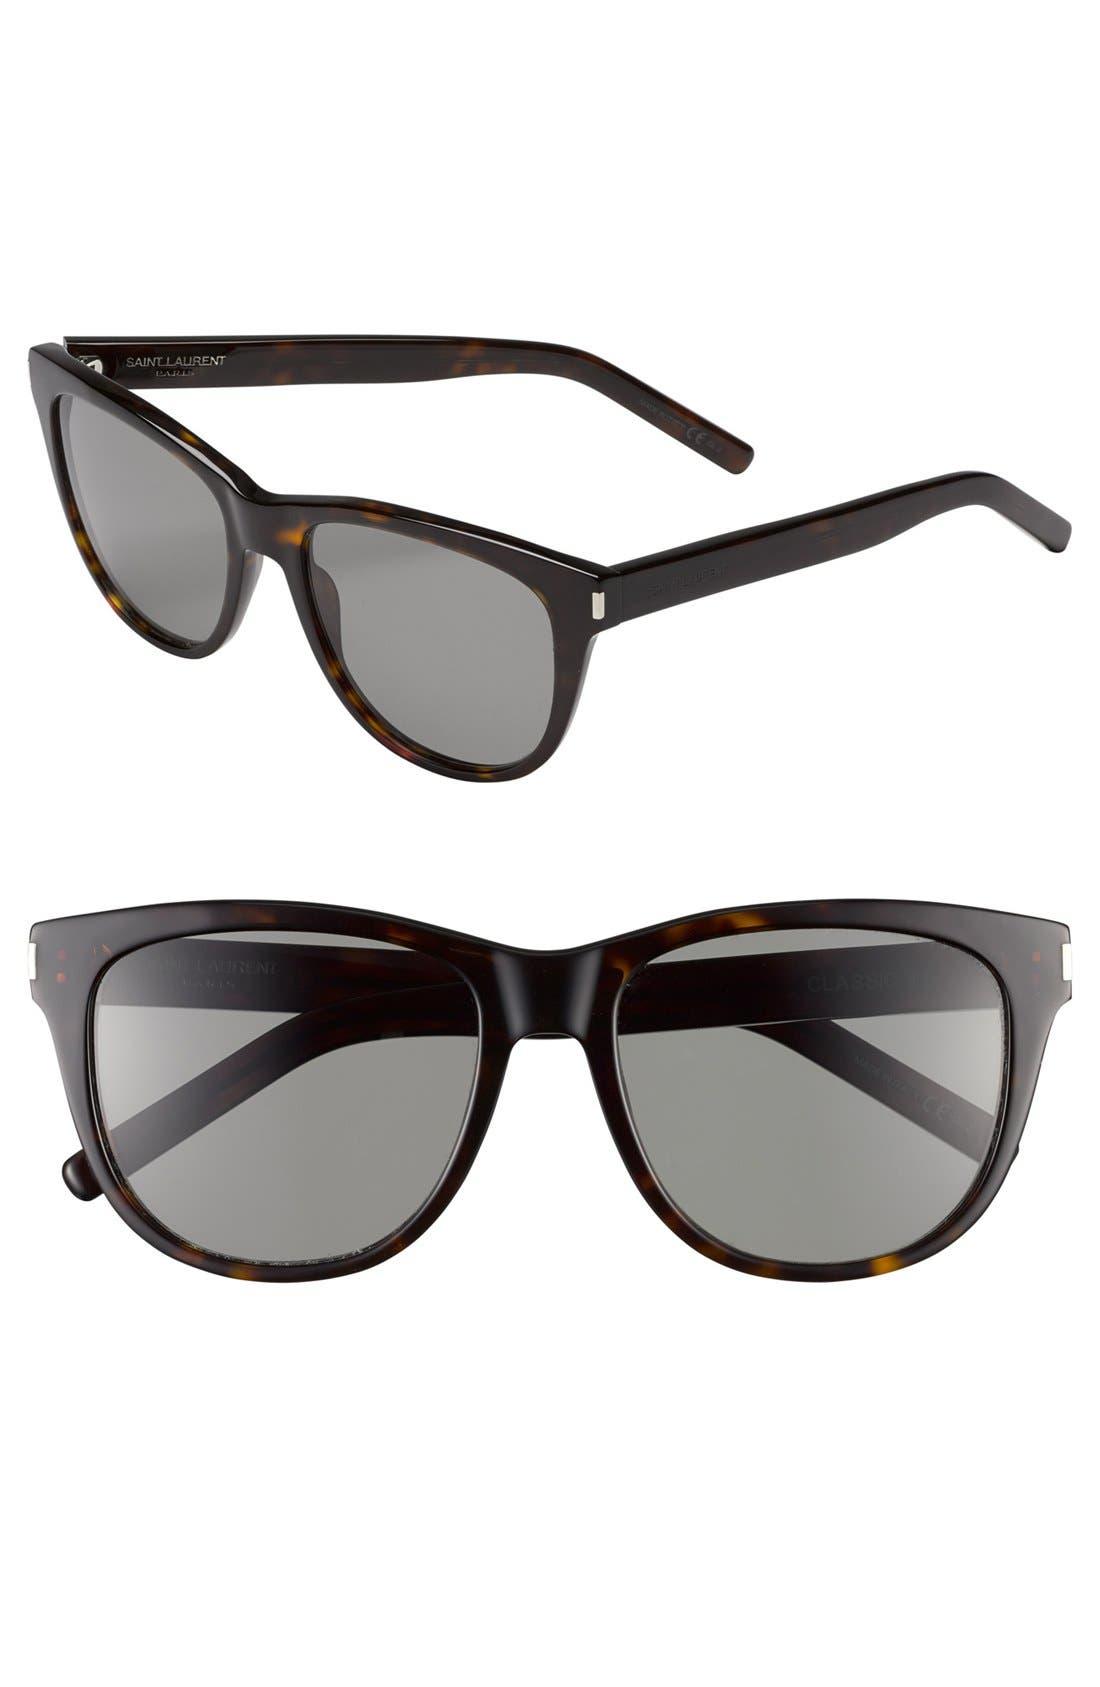 Main Image - Saint Laurent 55mm Retro Sunglasses